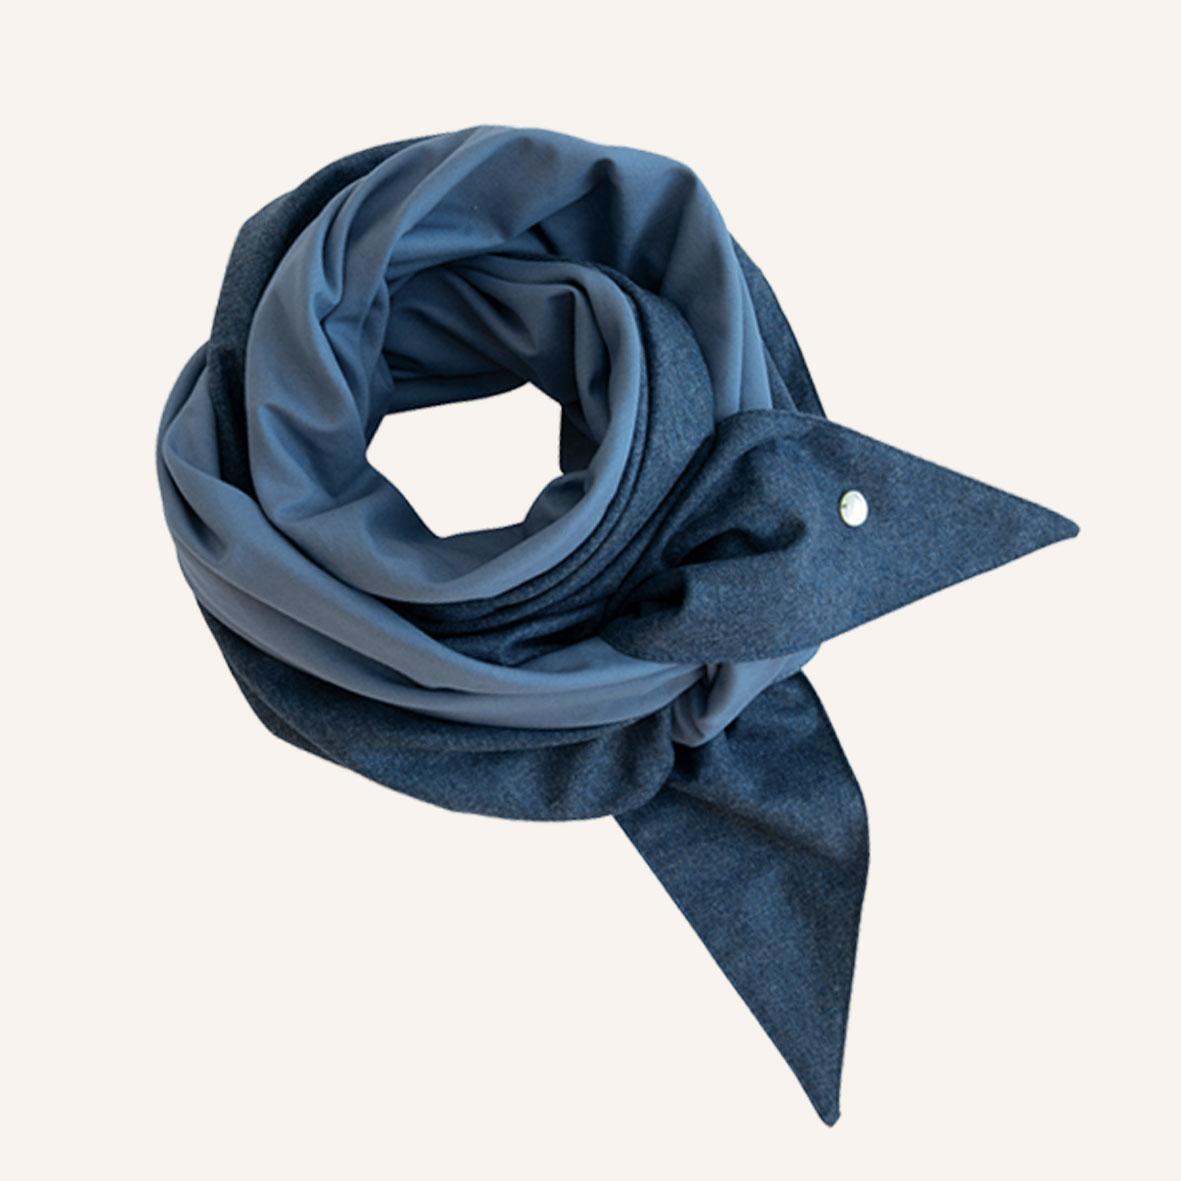 Schultertuch aus Merinowolle, Dreieckstuch für Damen, Schal aus Wolle, Leichtes Tuch zum Binden